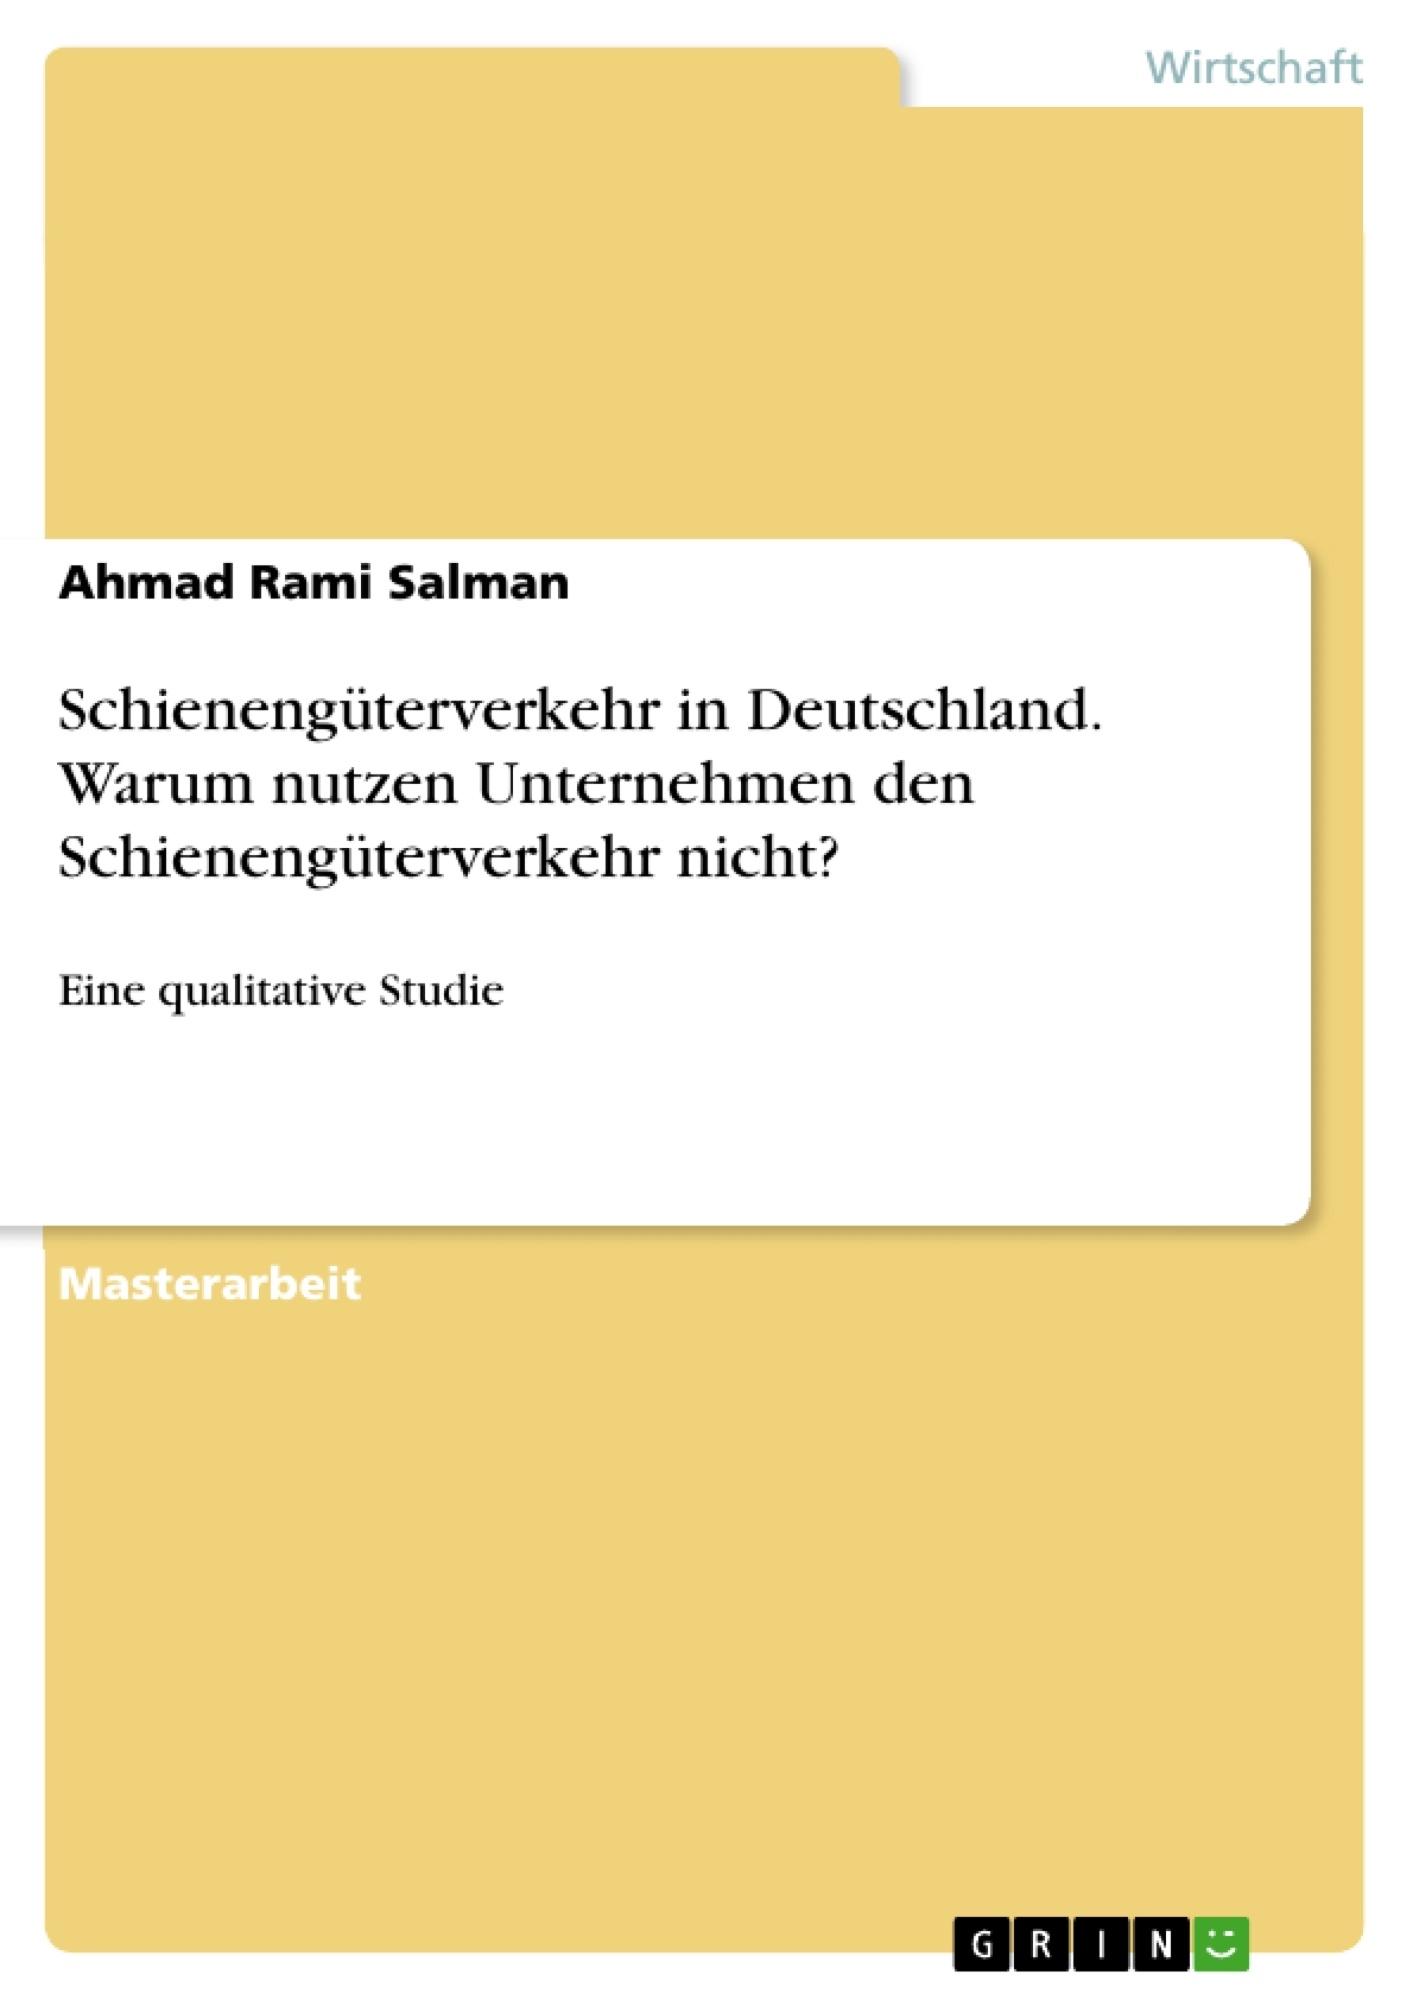 Titel: Schienengüterverkehr in Deutschland. Warum nutzen Unternehmen den Schienengüterverkehr nicht?